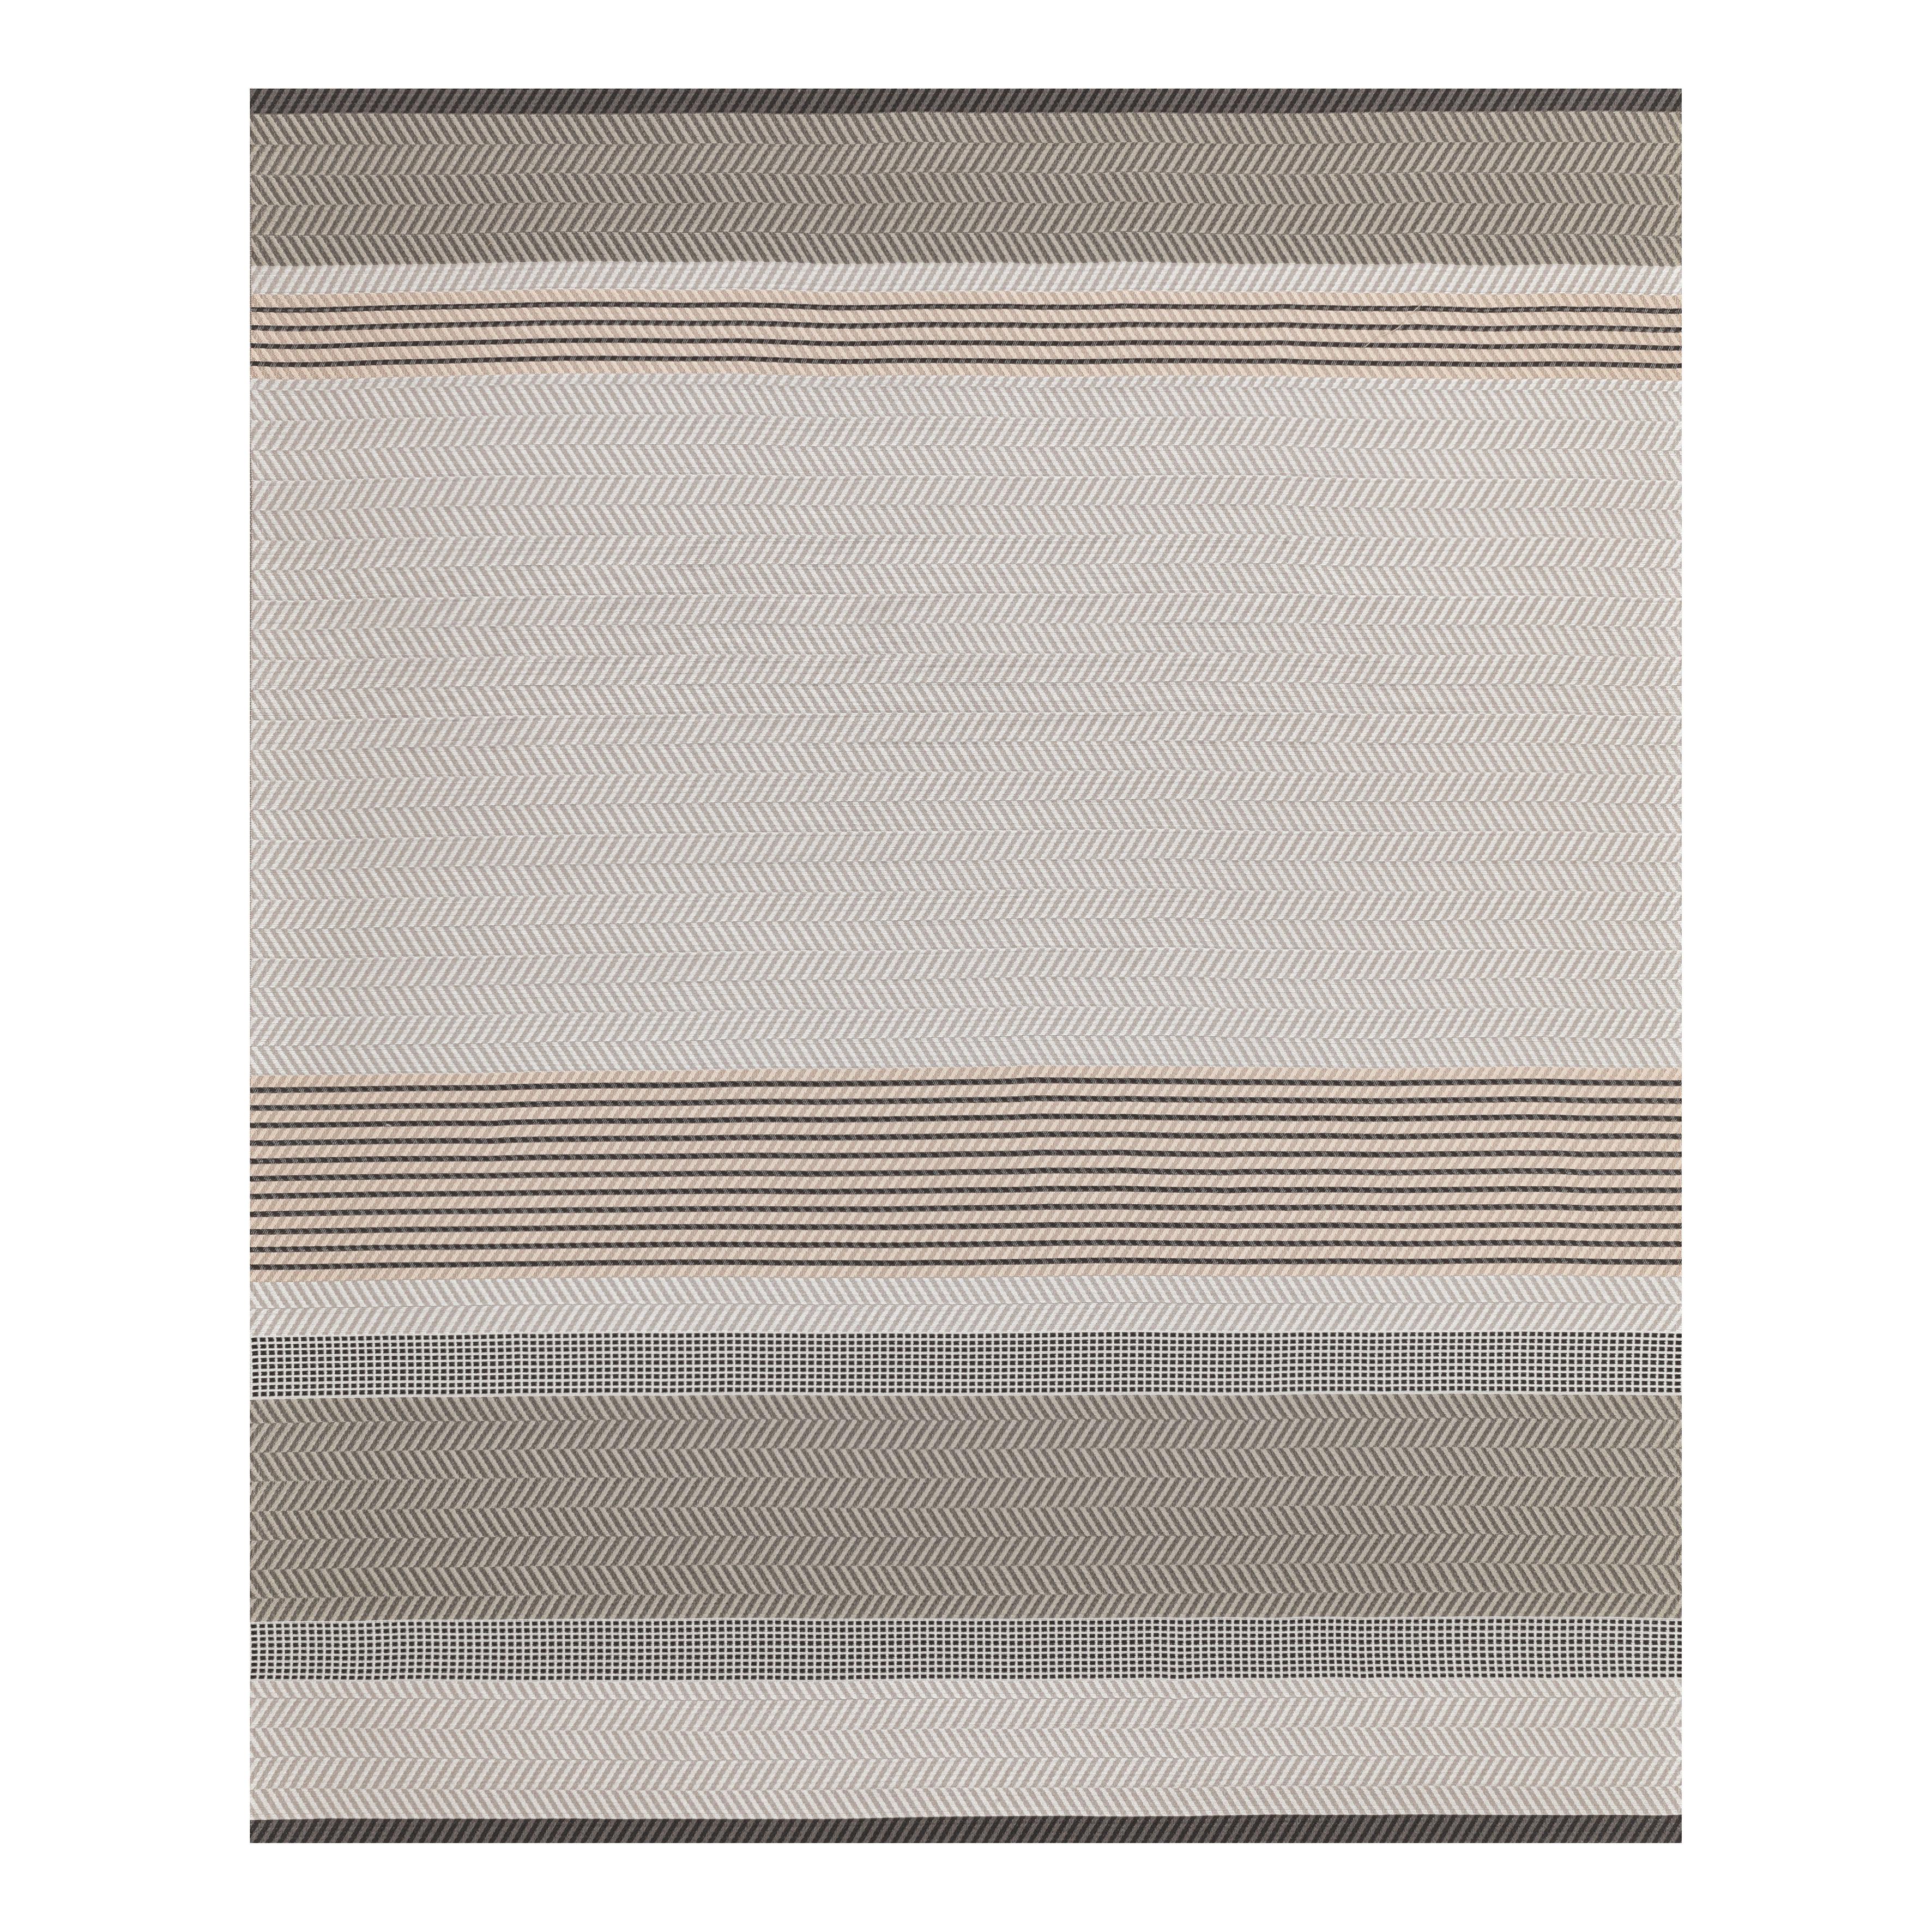 Déco - Tapis - Tapis d'extérieur Toundra / 200 x 300 cm - Fibre polyester - Vincent Sheppard - Gris & rose pâle - Fibre de polyester (structure tissée à plat)